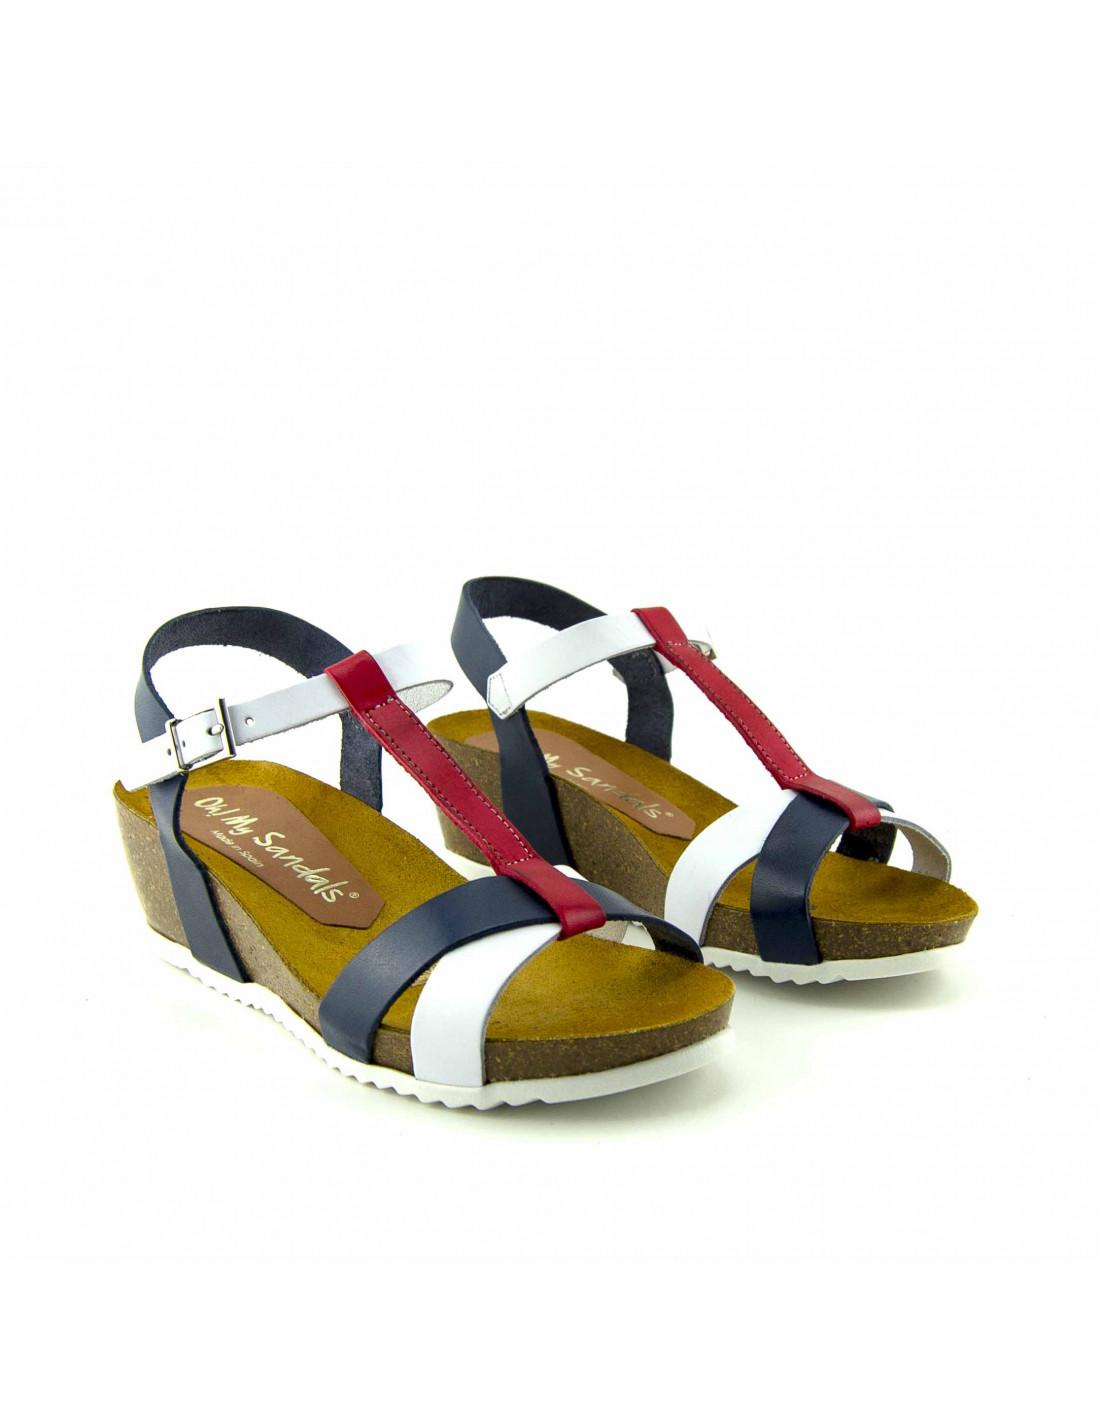 ConfortPlantilla Piel De Sandalias Mujer Fabricadas Con Y Sistema 0wOnPk